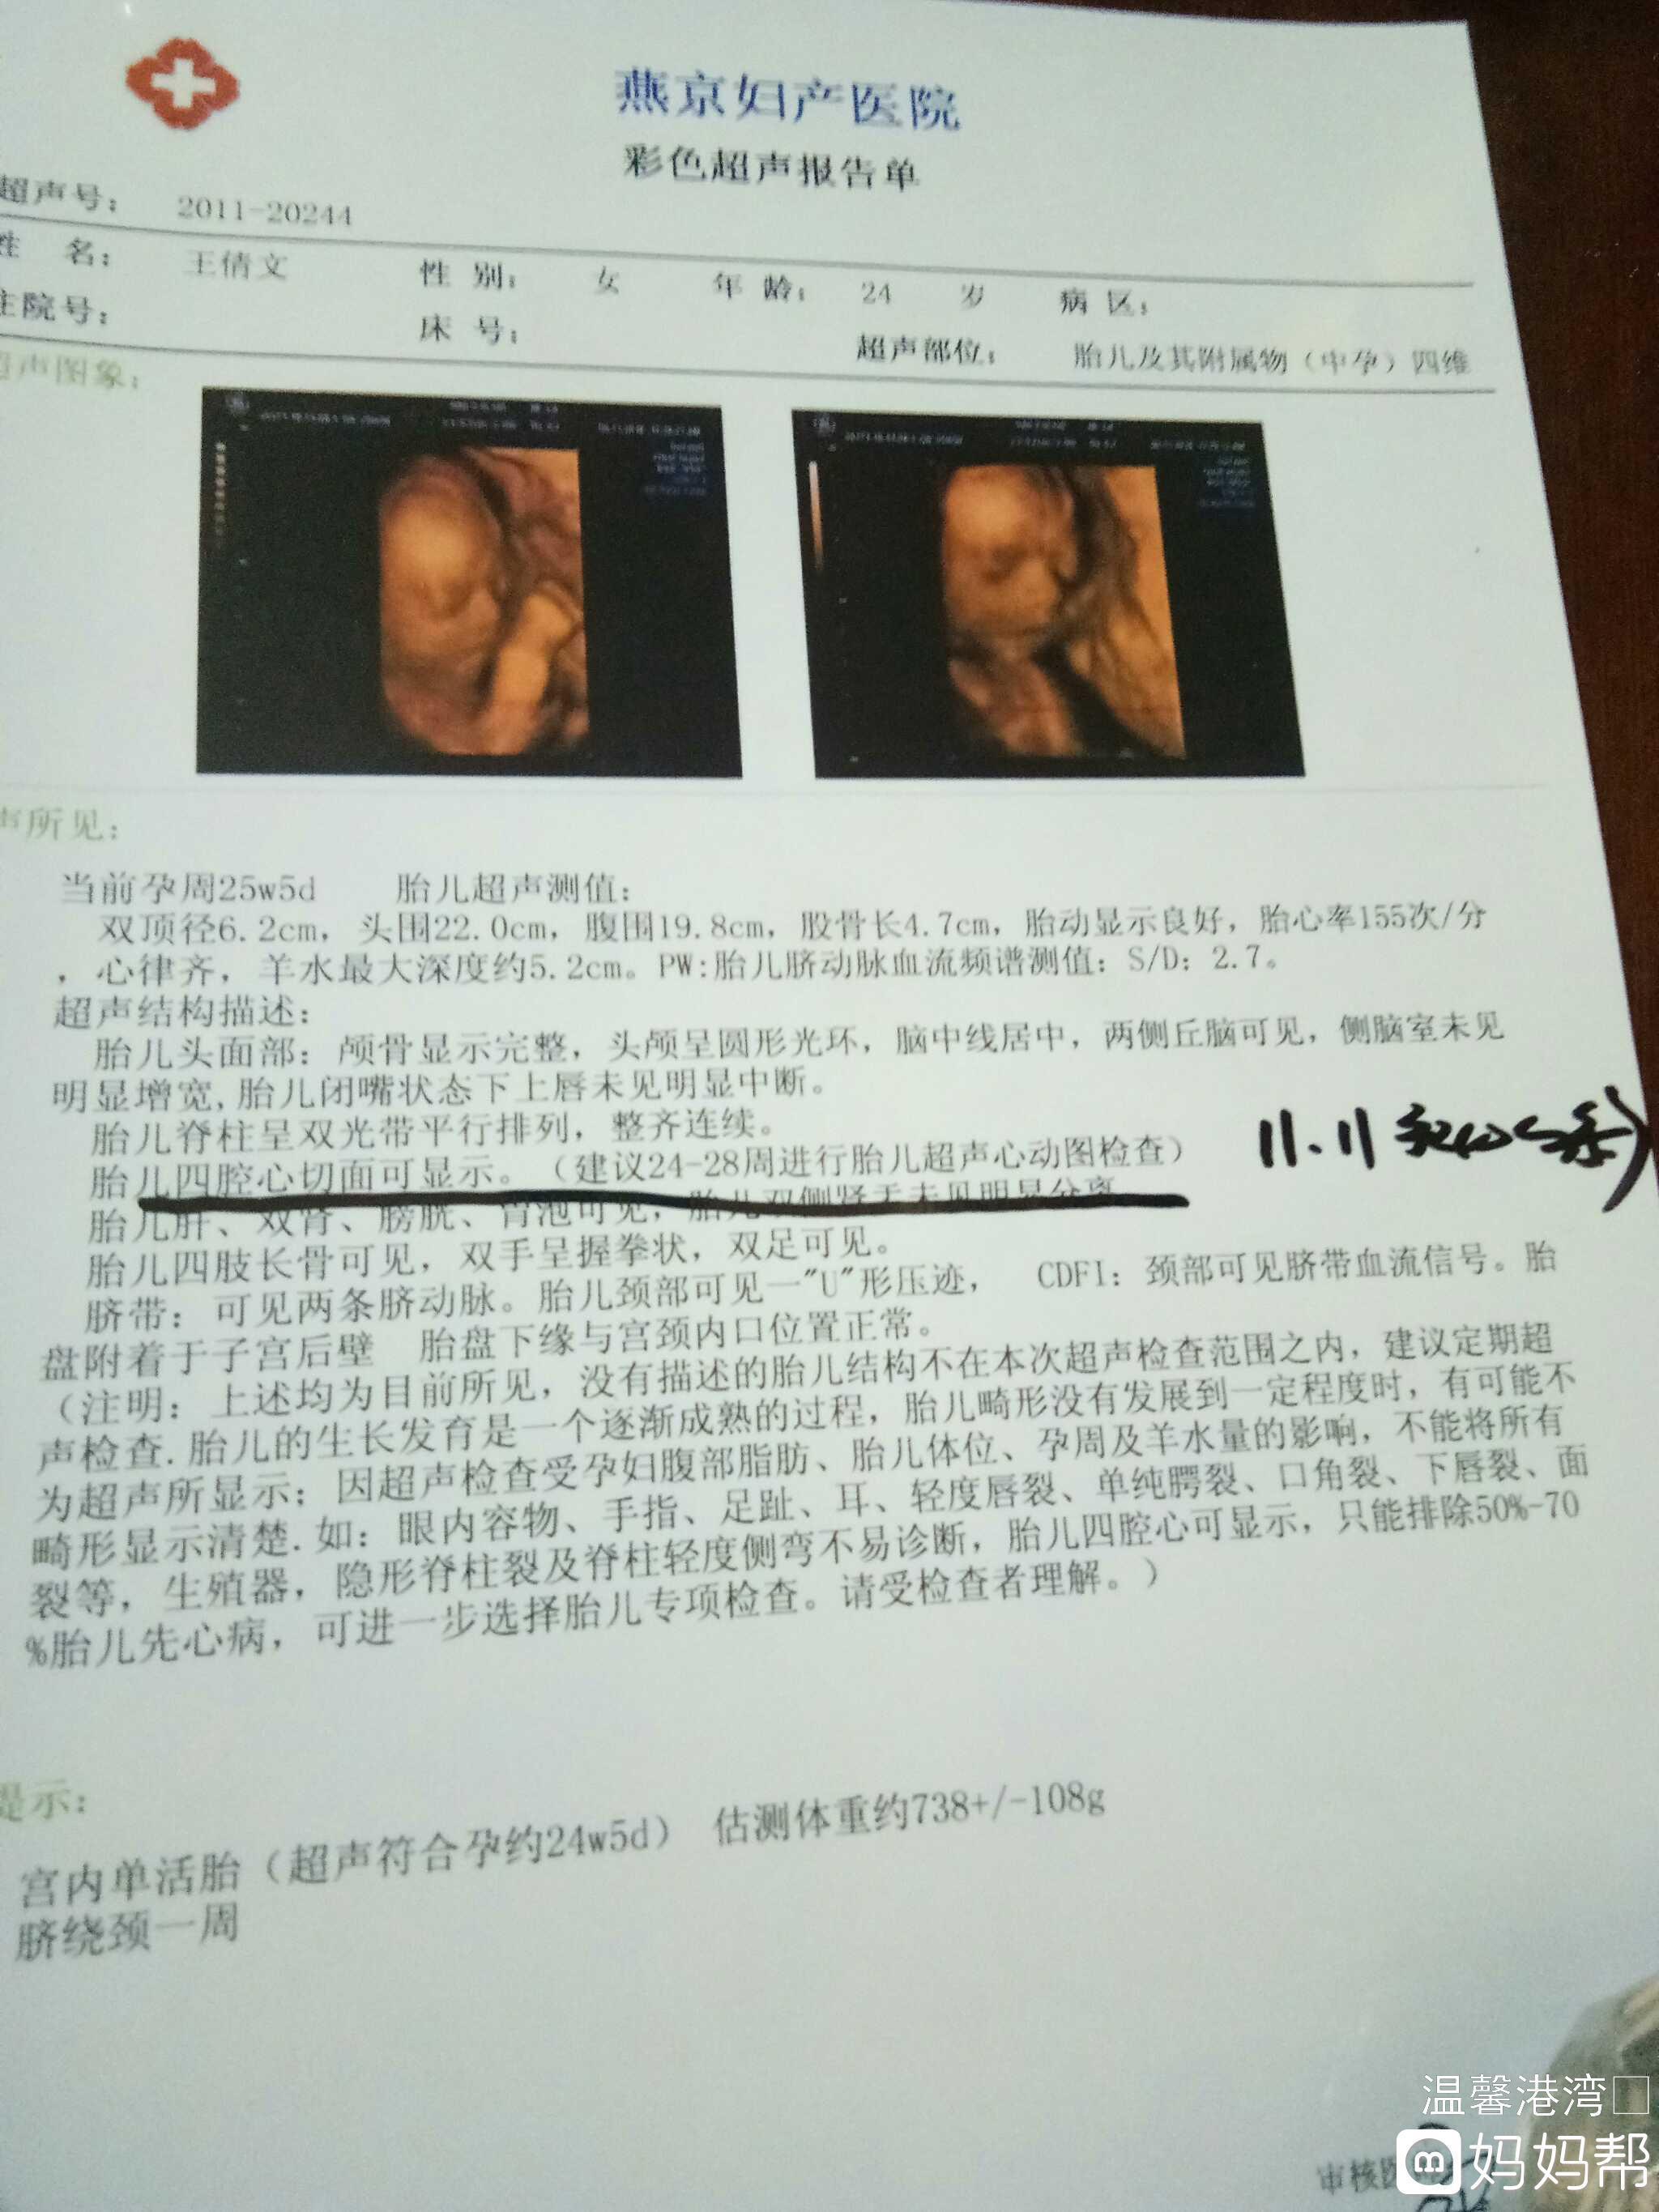 四维彩超检查胎儿四腔心切面可显示什么意思